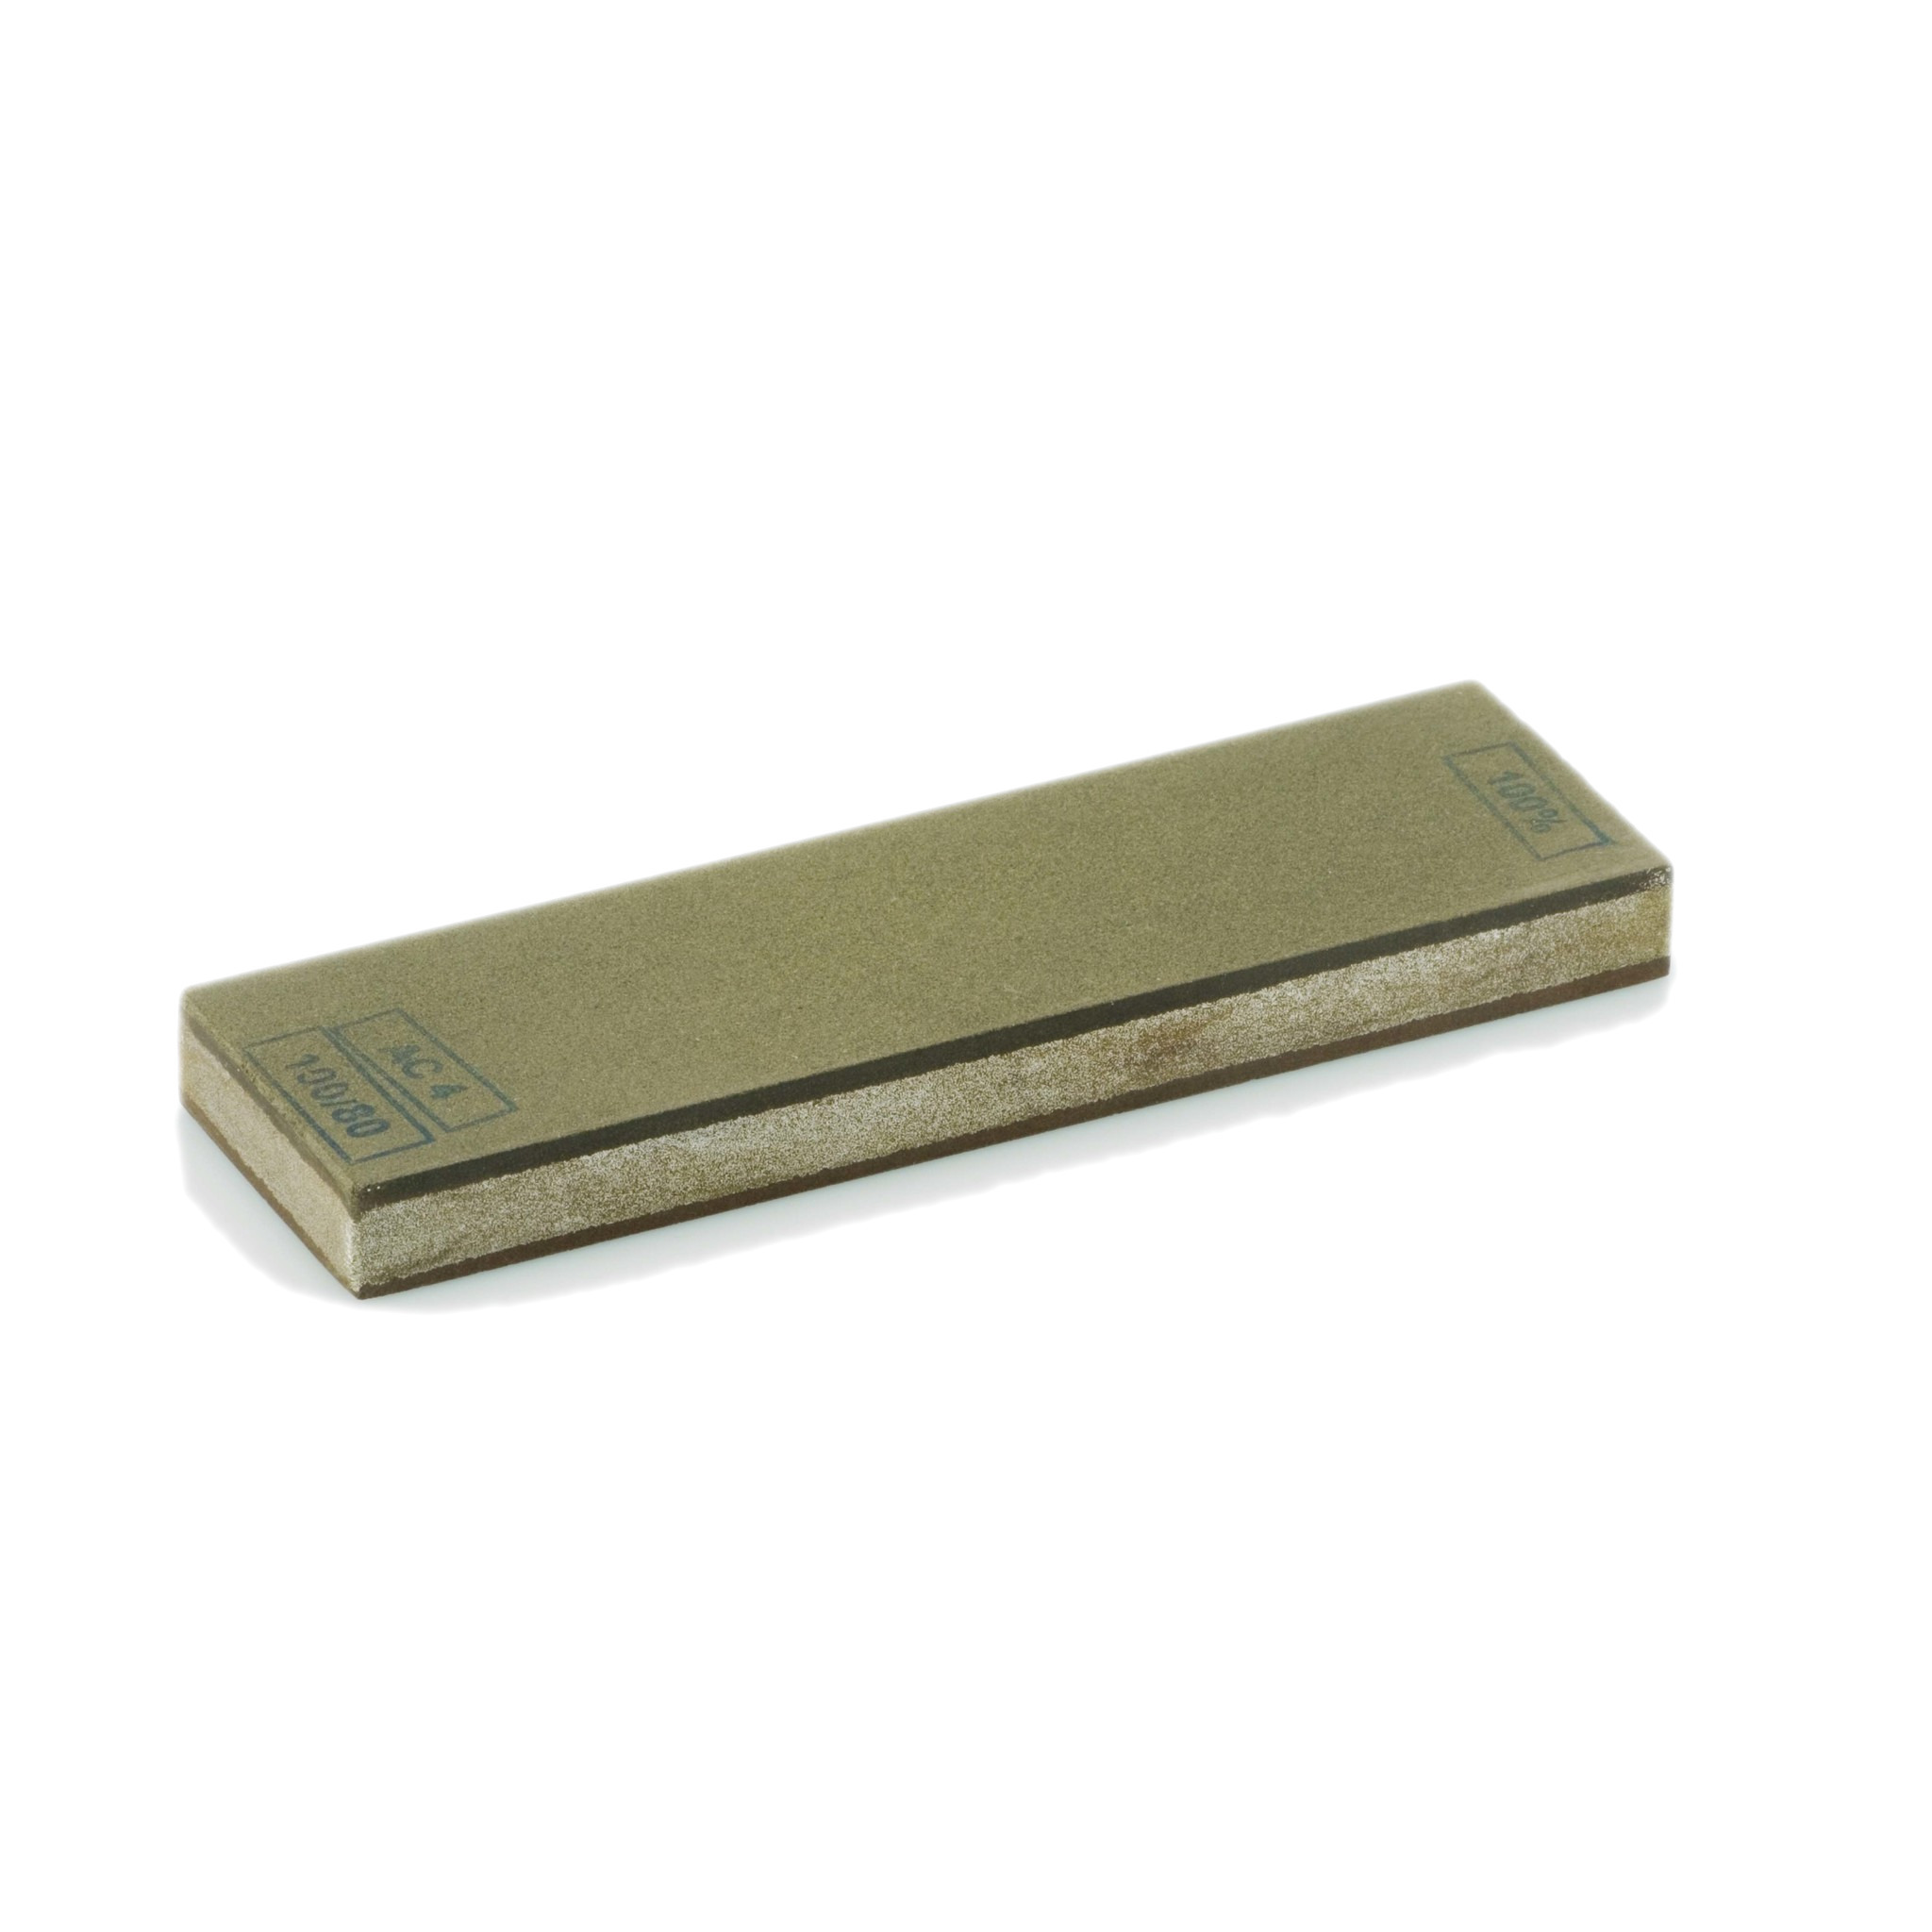 Каталог Алмазный брусок 120х35х10 100/80-50/40 100% Белый.jpg